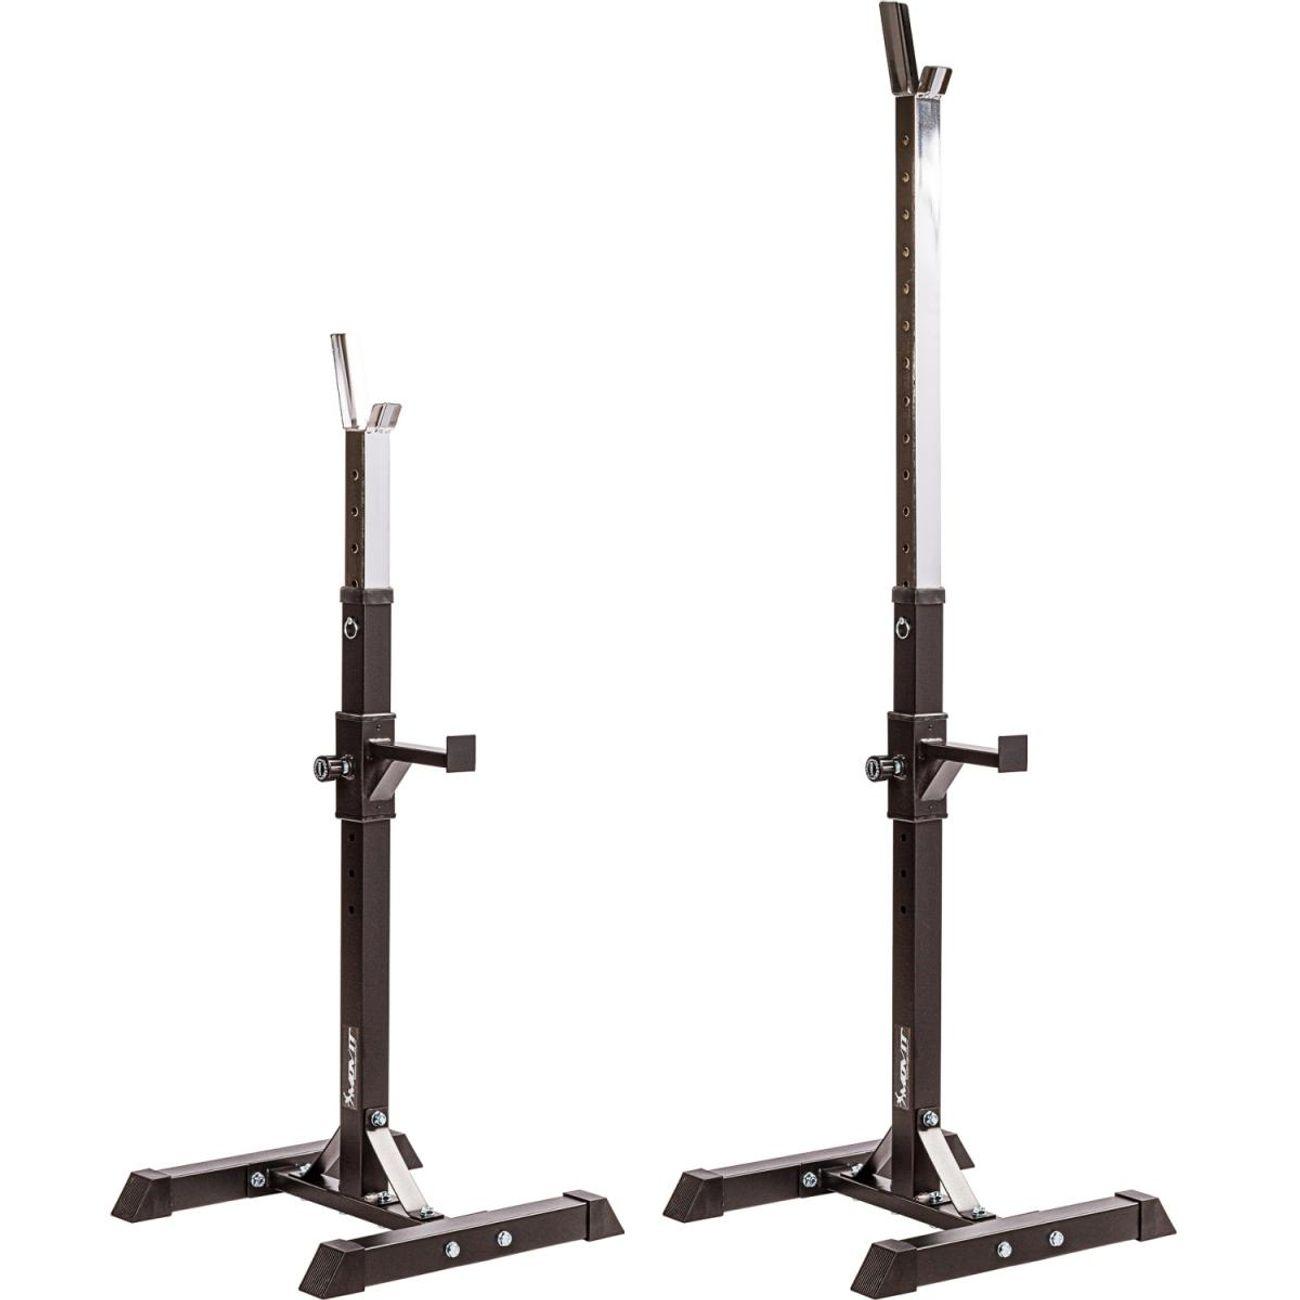 Fitness  MOVIT MOVIT Rack à Squat, ensemble de 2 supports d'haltères réglable, supports pour haltères de muscu, Home-Gym, couleur noir